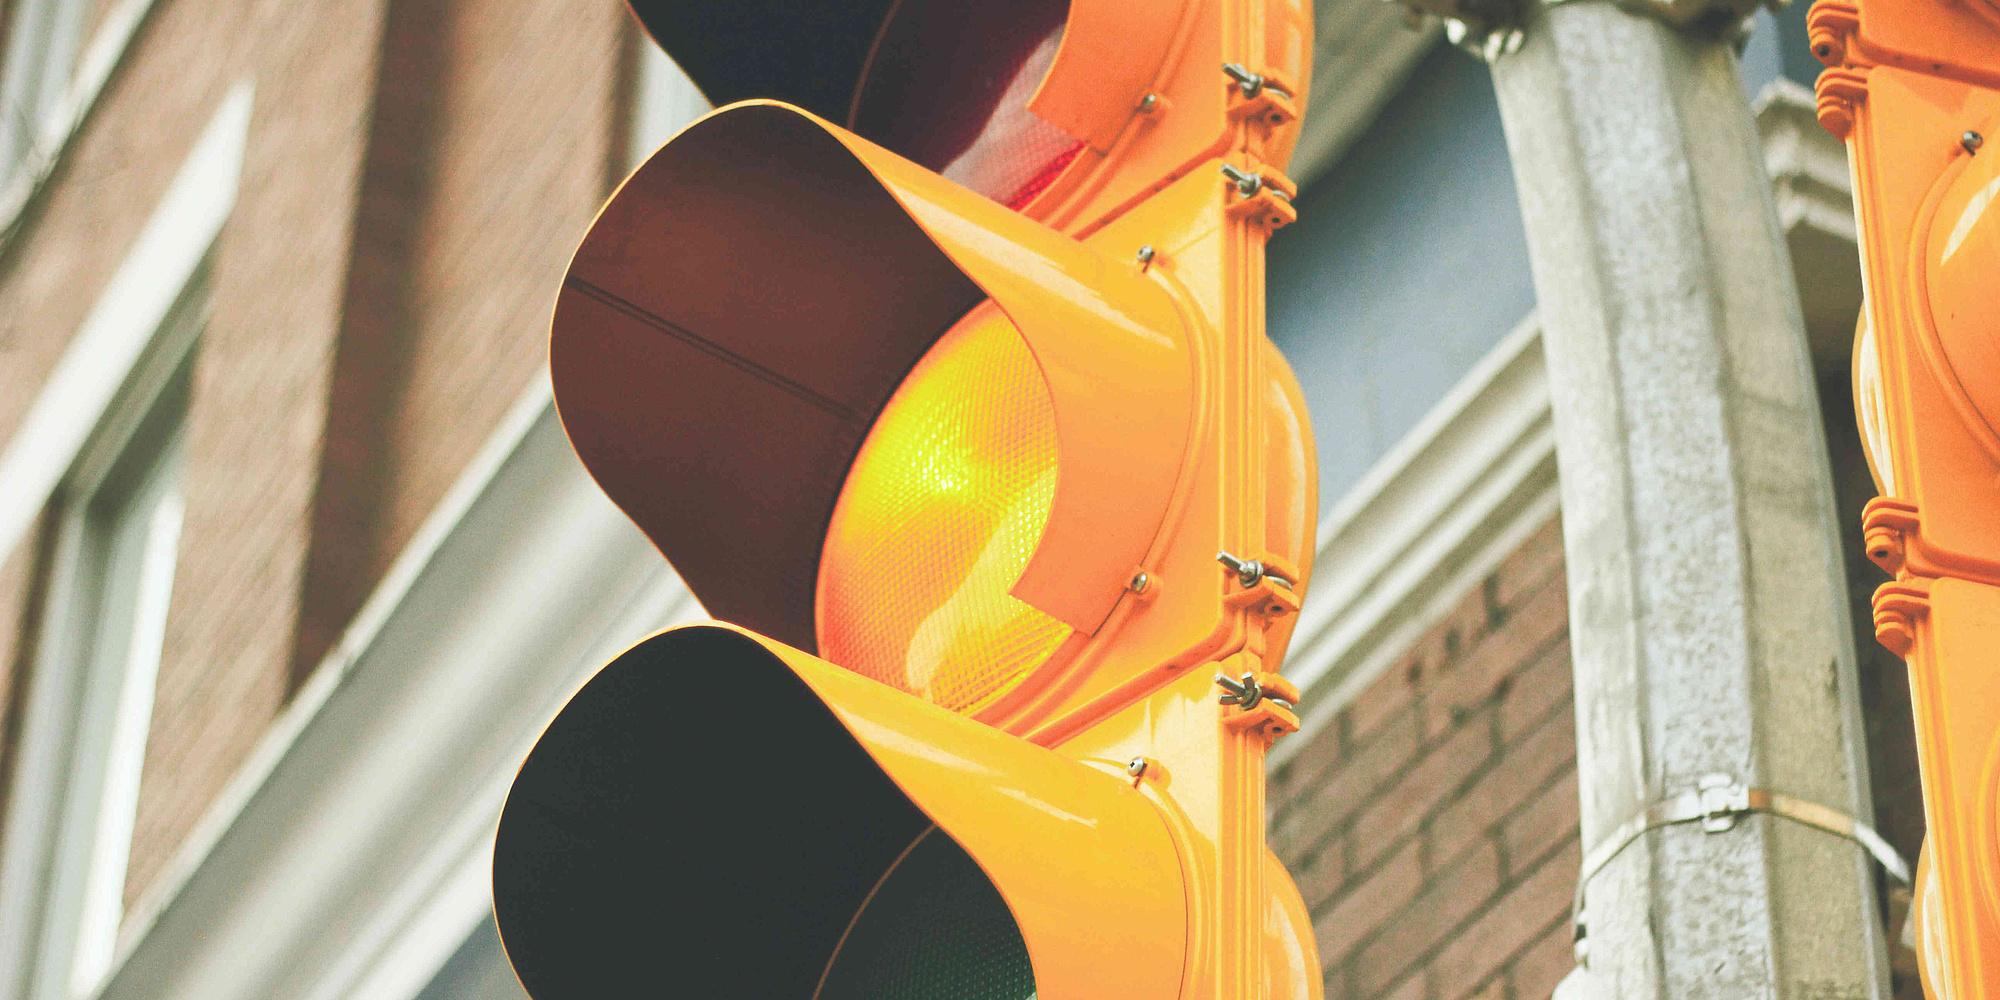 Ausschnitt einer gelben Ampel vor einem Backsteinhaus